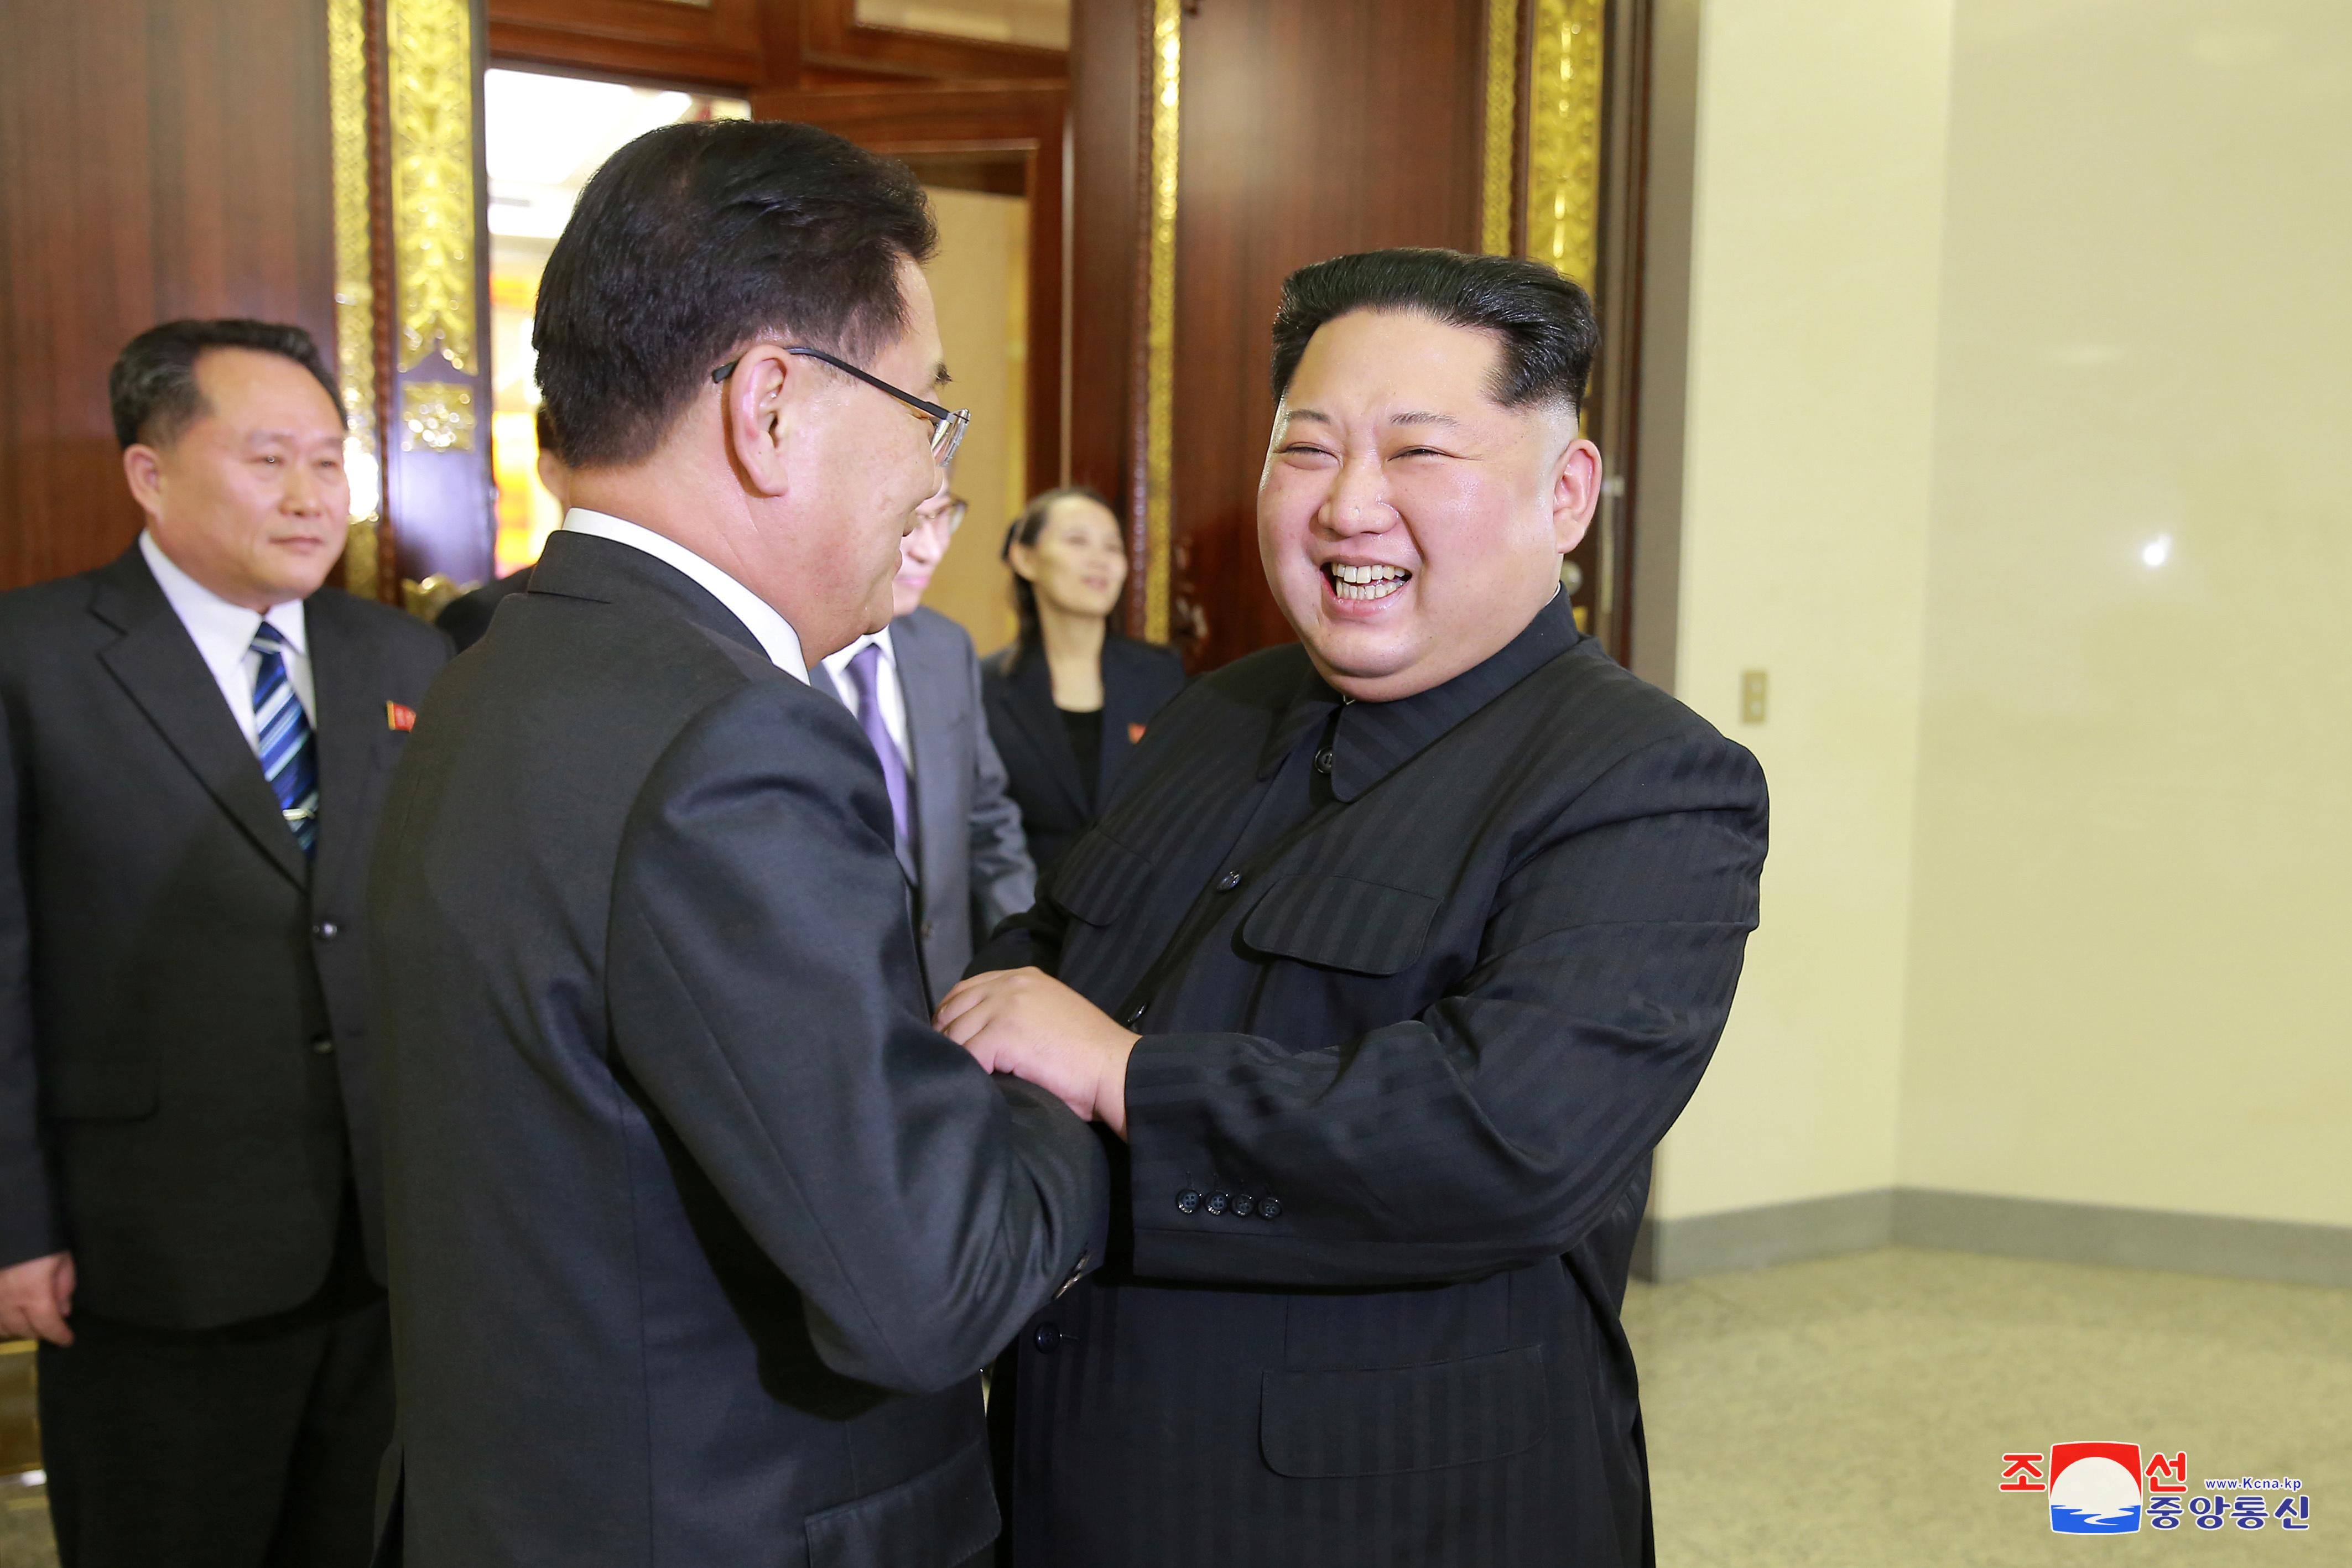 زعيم كوريا الشمالية يبتسم أثناء لقاؤه بأحد أعضاء وفد كوريا الجنوبية